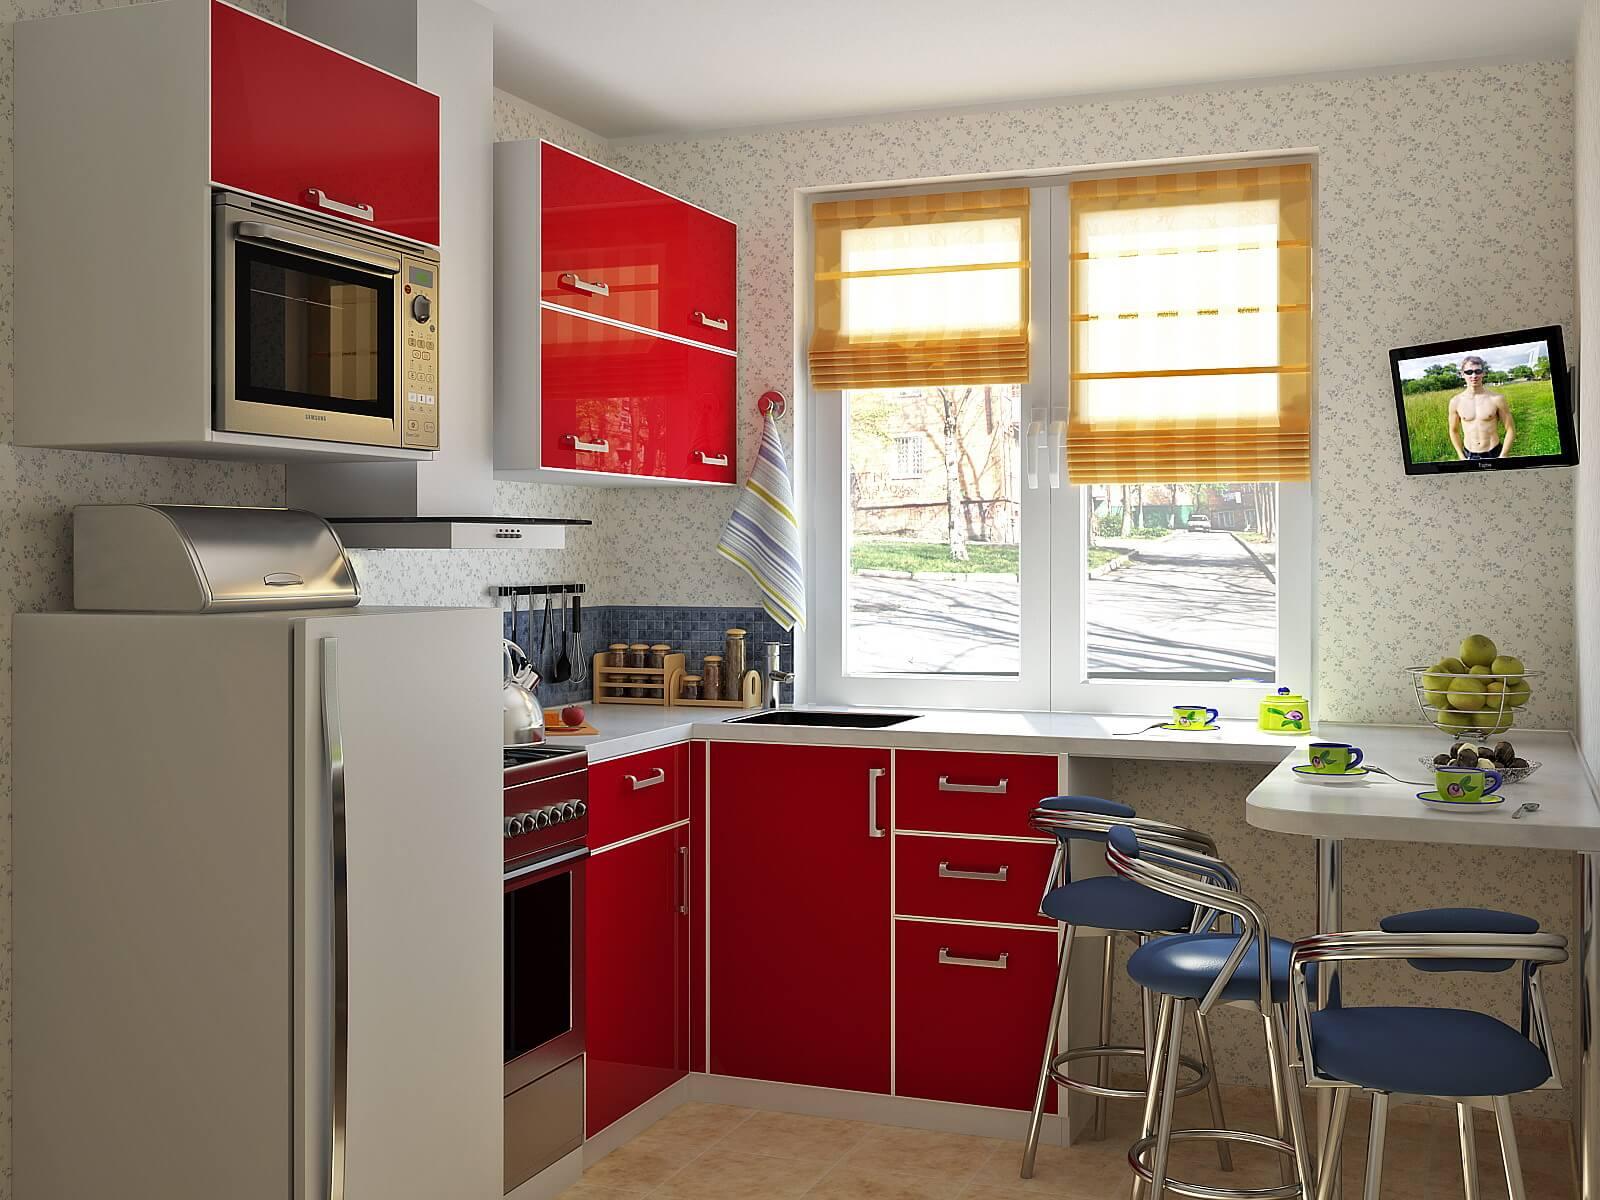 кухня 5 метров фото планировка